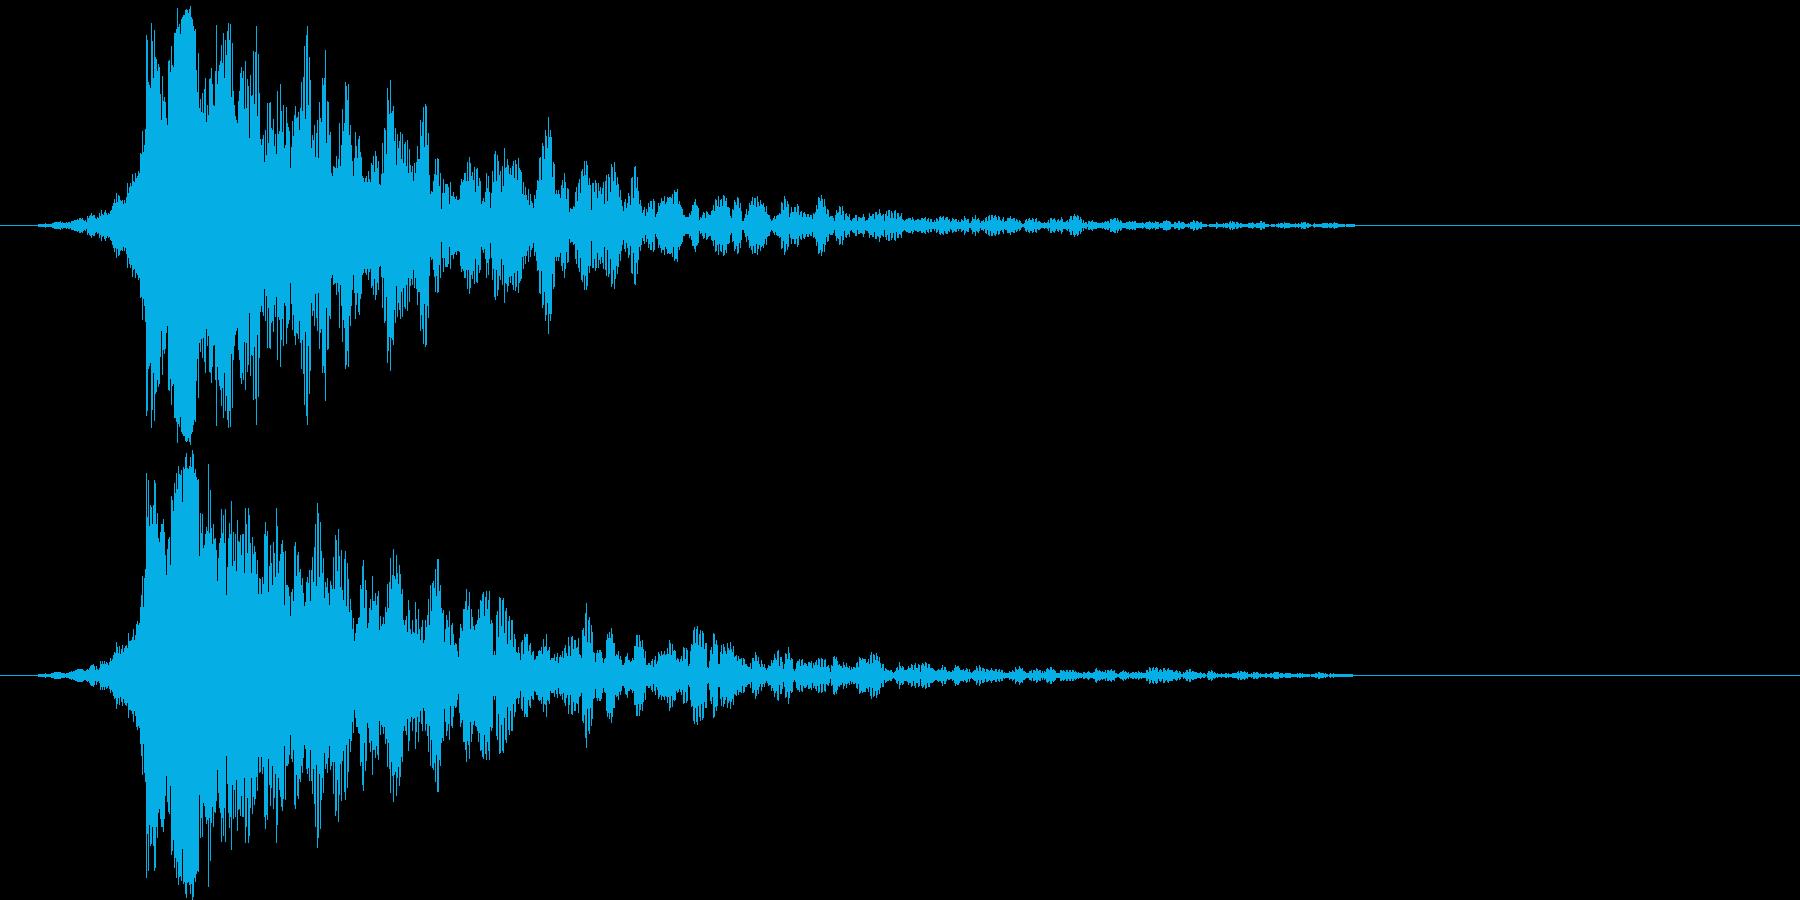 シャキーン!ド派手なインパクトに最適!6の再生済みの波形